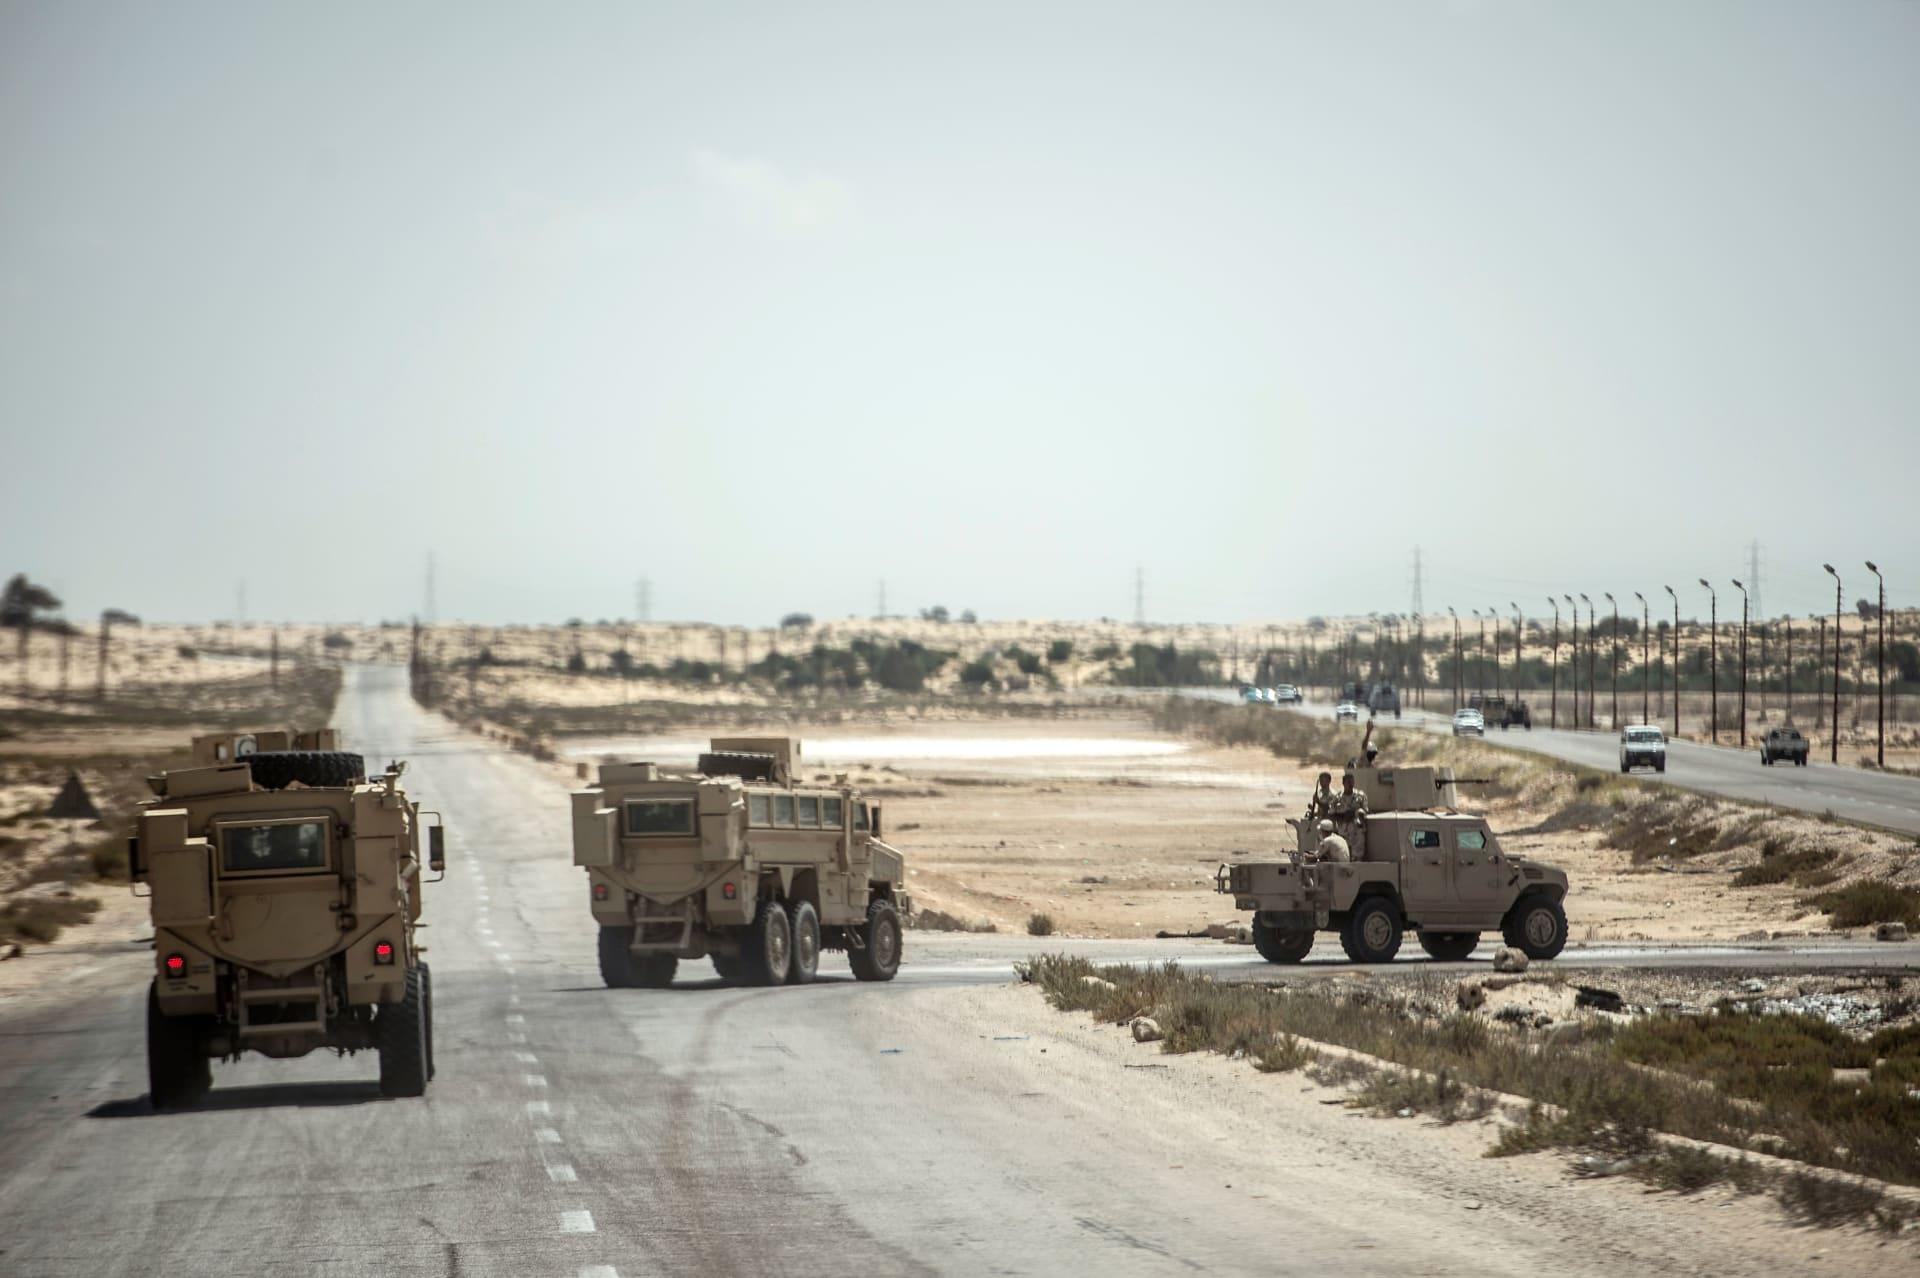 الجيش المصري: مقتل 83 إرهابيًا بسيناء في غضون شهر